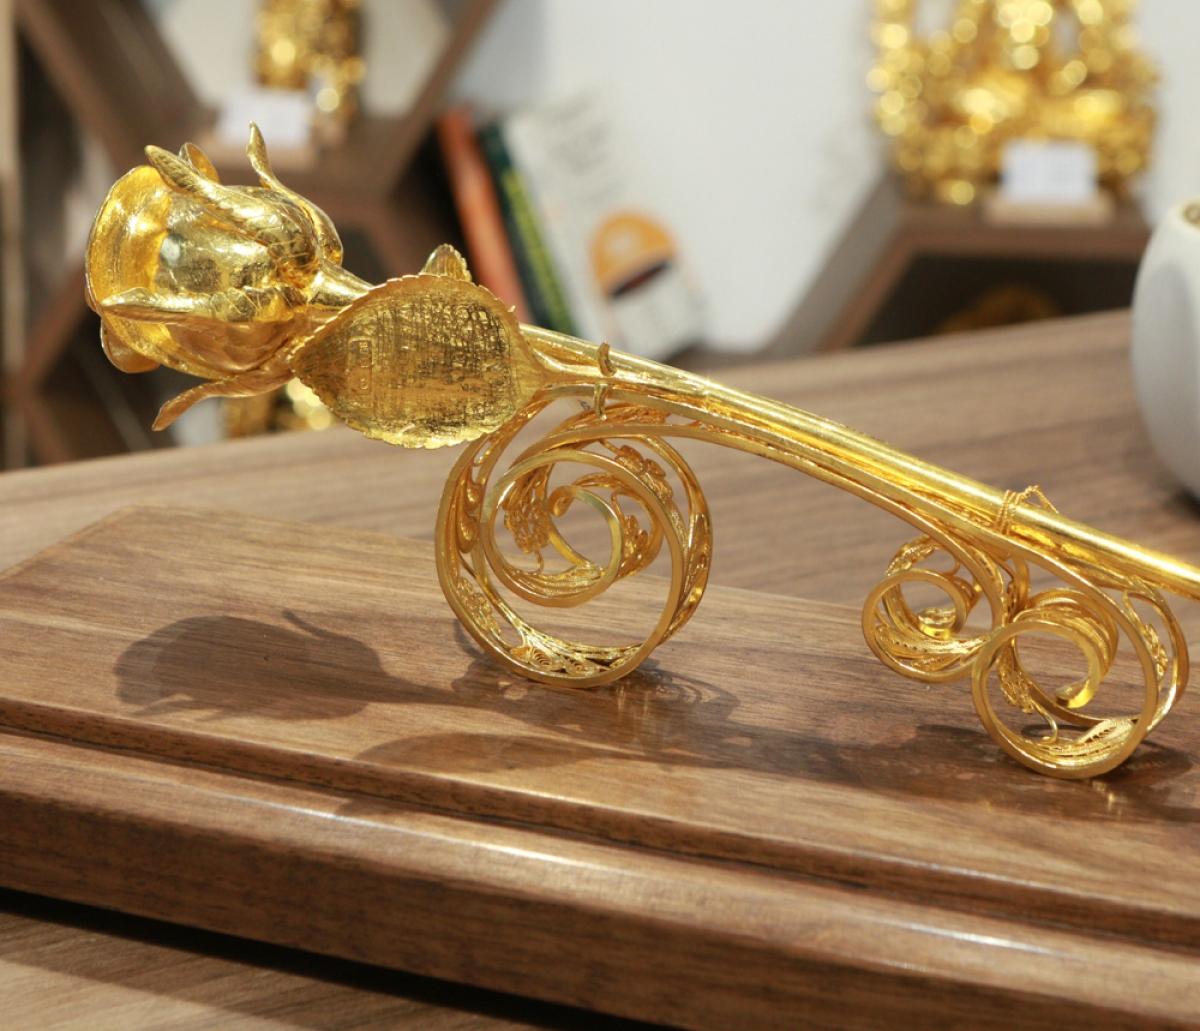 Theo một cửa hàng trên phố Xã Đàn (Đống Đa, Hà Nội), bông hồng đúc bằng vàng 24k nguyên khối được chế tác theo đơn đặt hàng, giá bông hồng này là 330 triệu đồng.